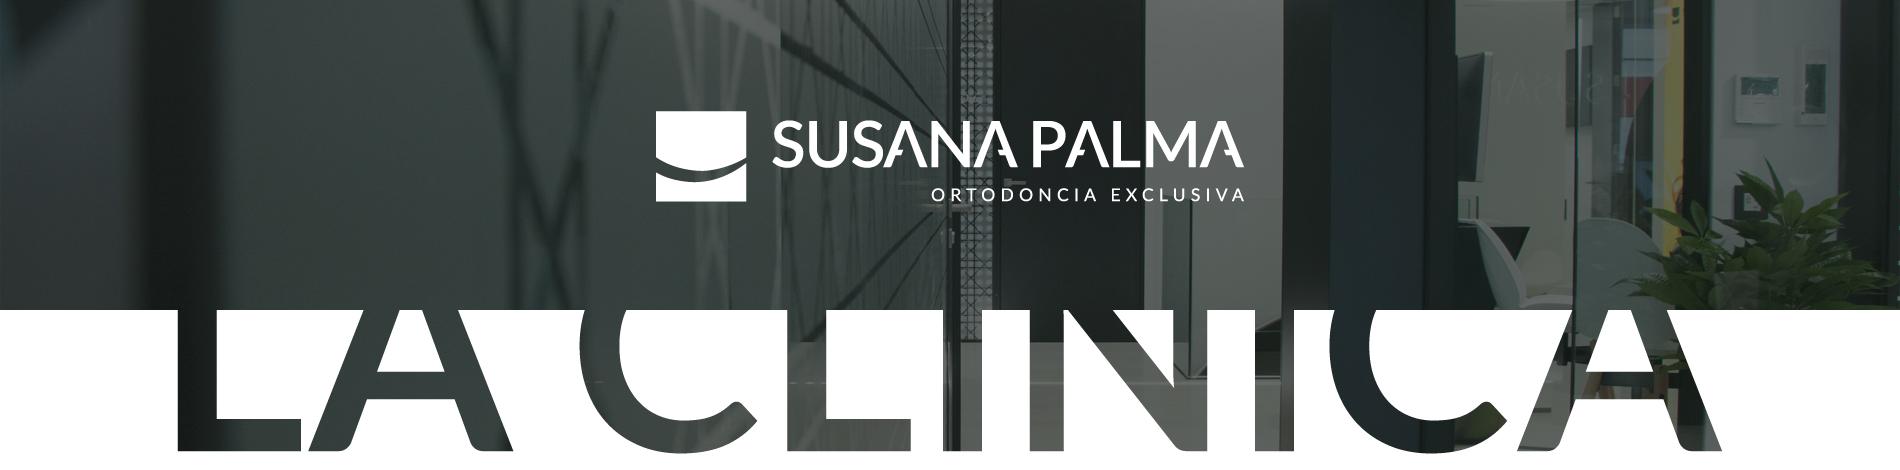 clinica-sasana-palma-cabecera